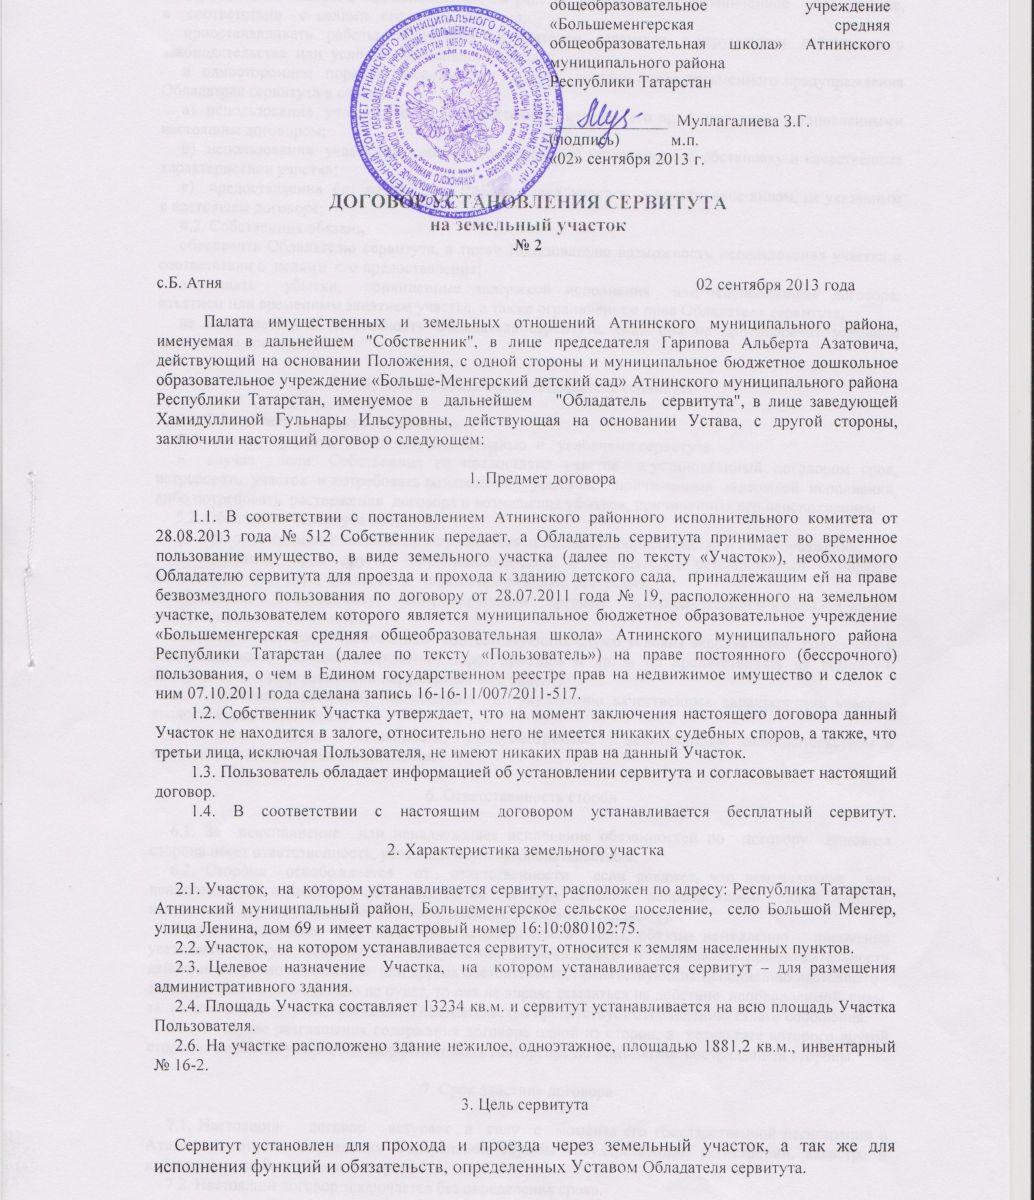 Документы на право собственности квартиры